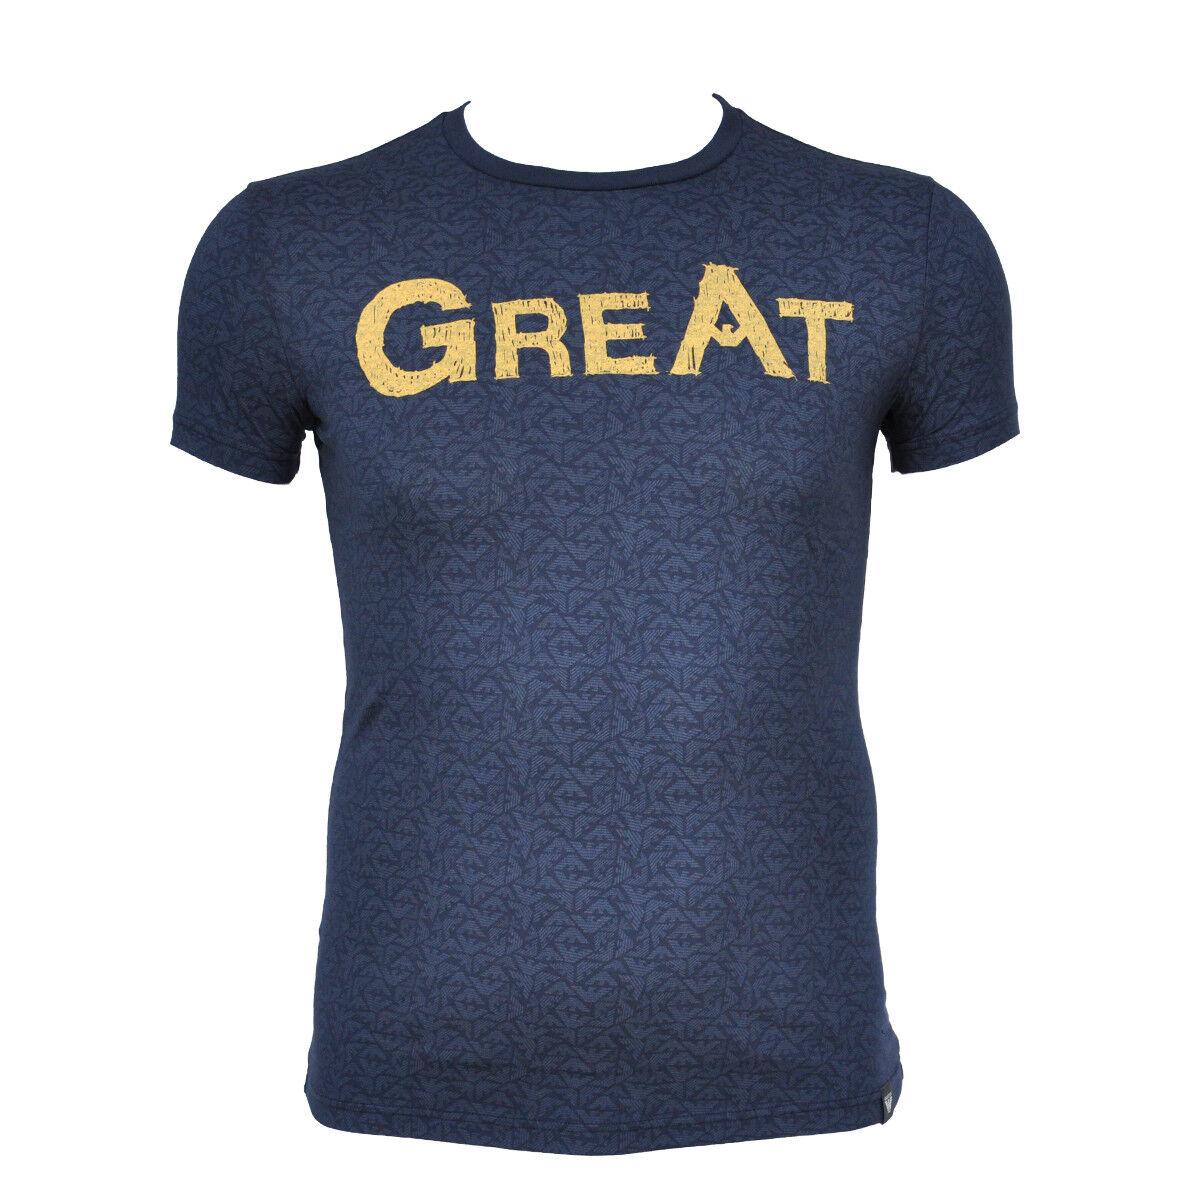 ARMANI JEANS T-Shirt Shirt Aufdruck Print 6Y6T85 6J15Z Gr.M-2XL NEU 2018